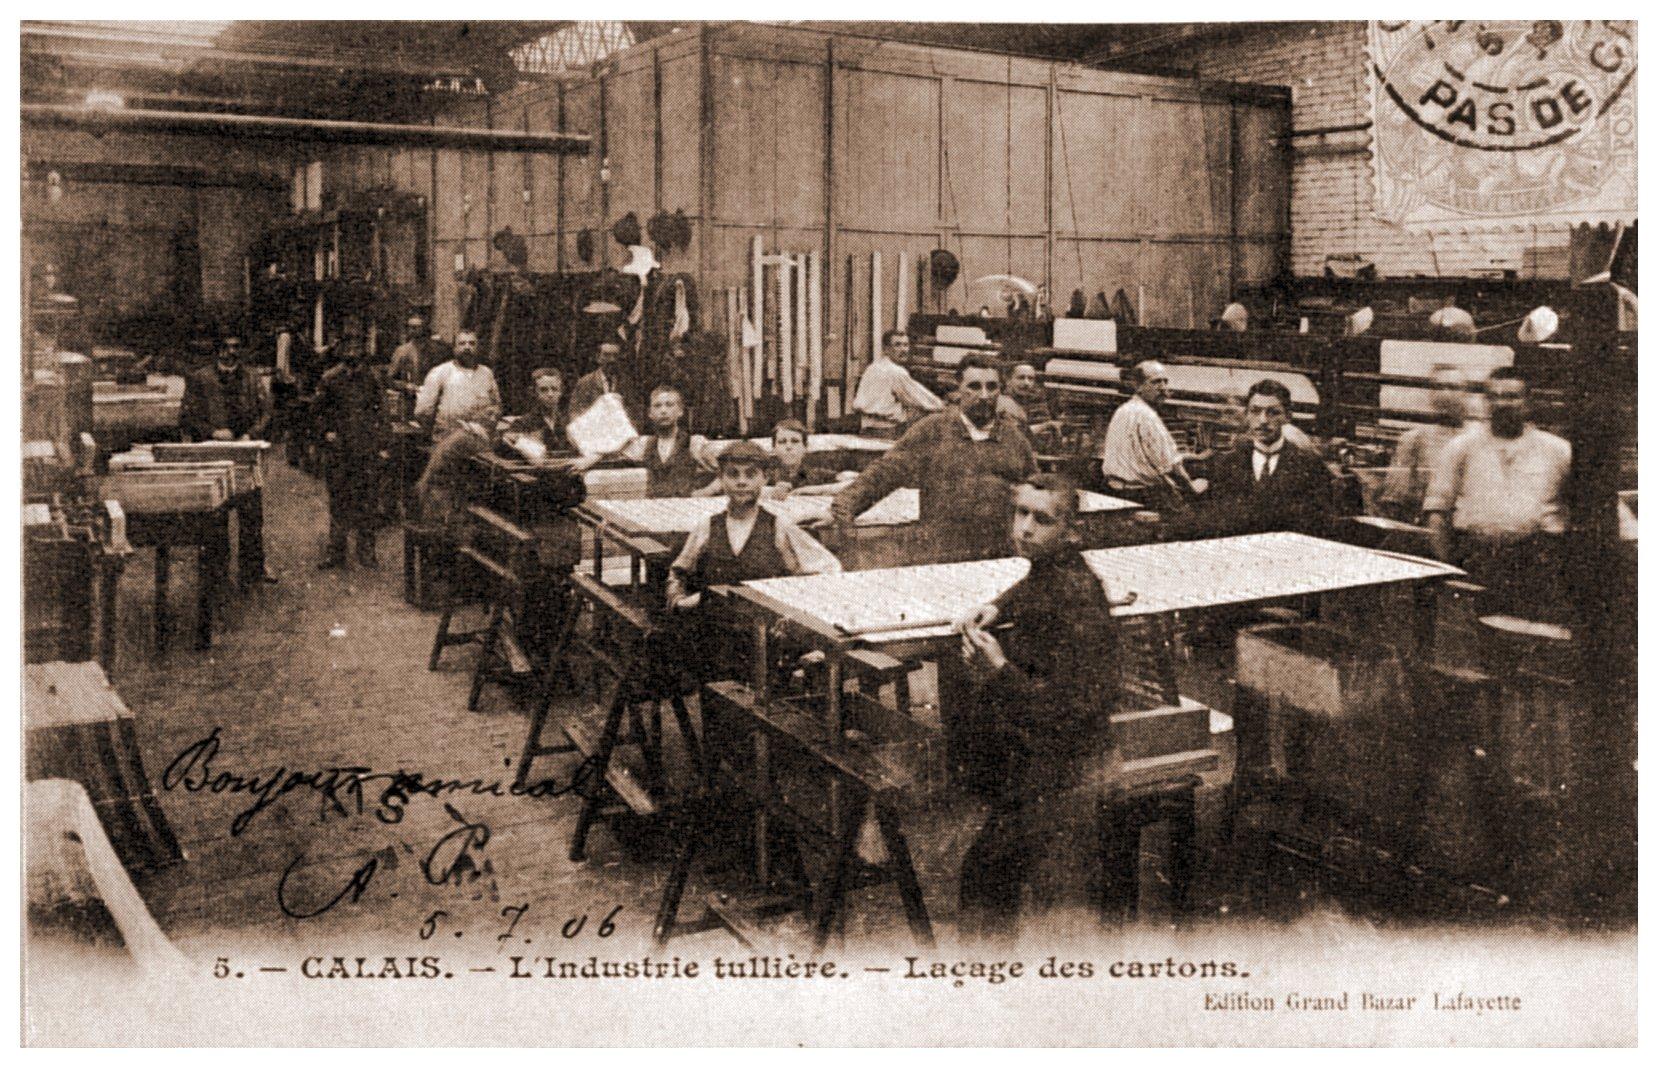 Calais : le laçage des cartons dans l'industrie de la tulle